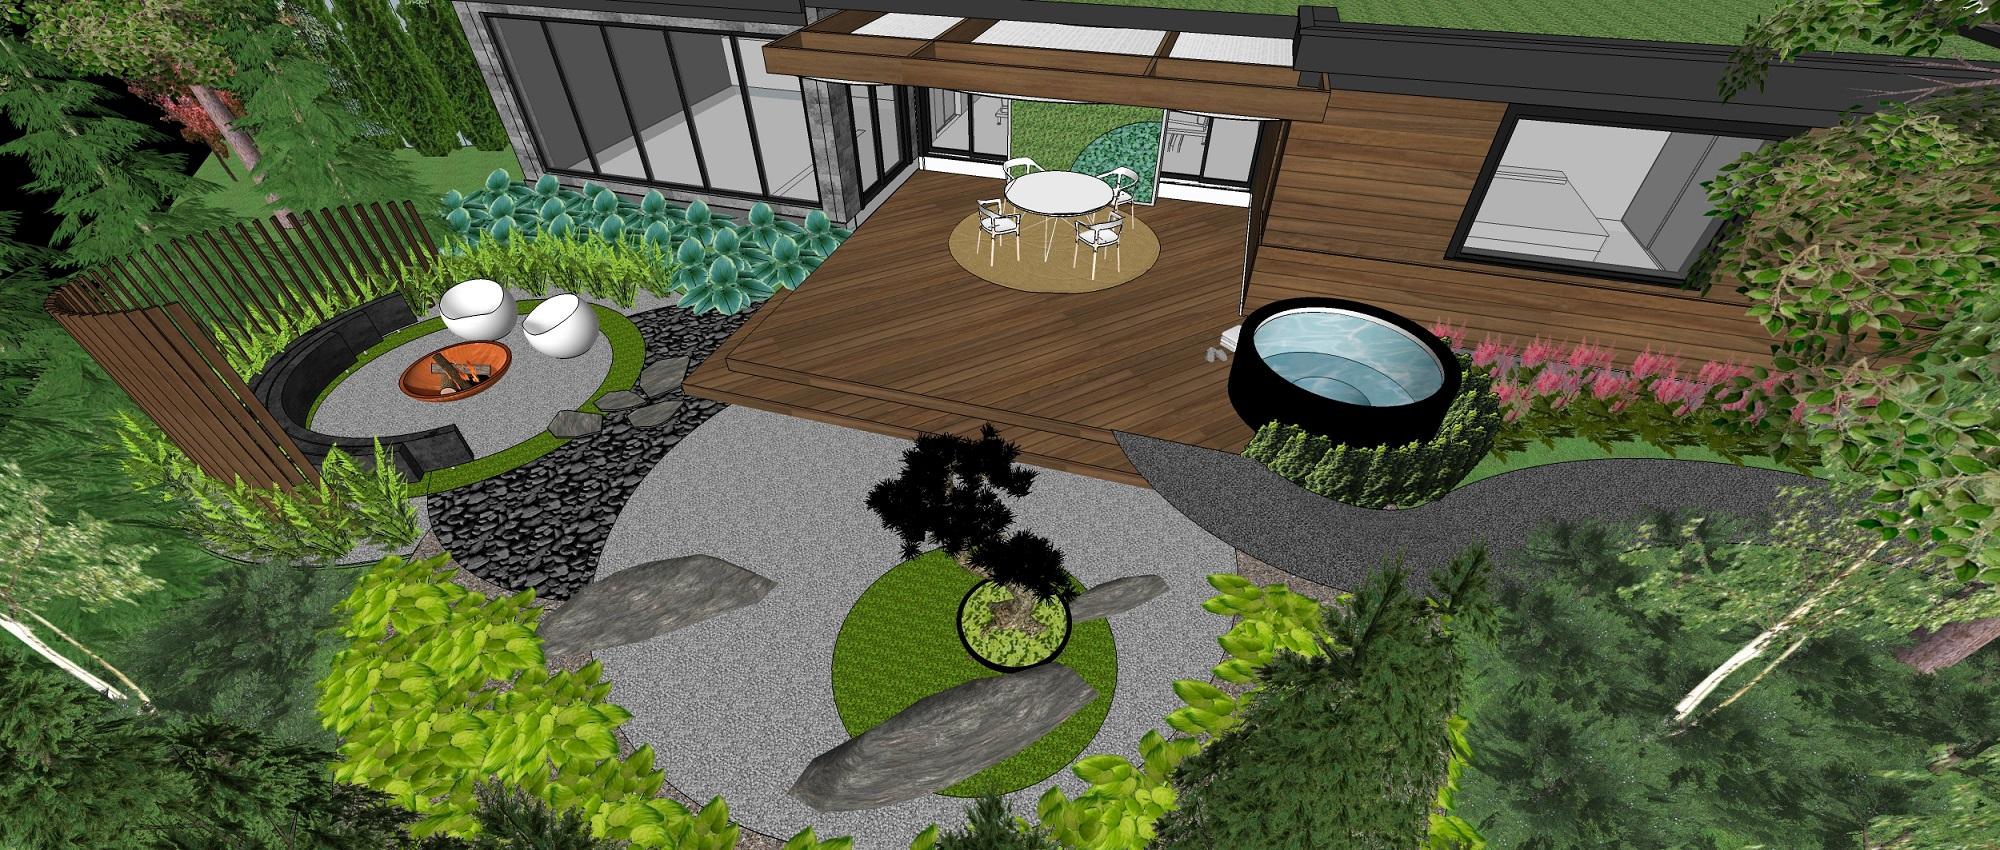 National Home Show - Future Dream Home_5.jpg